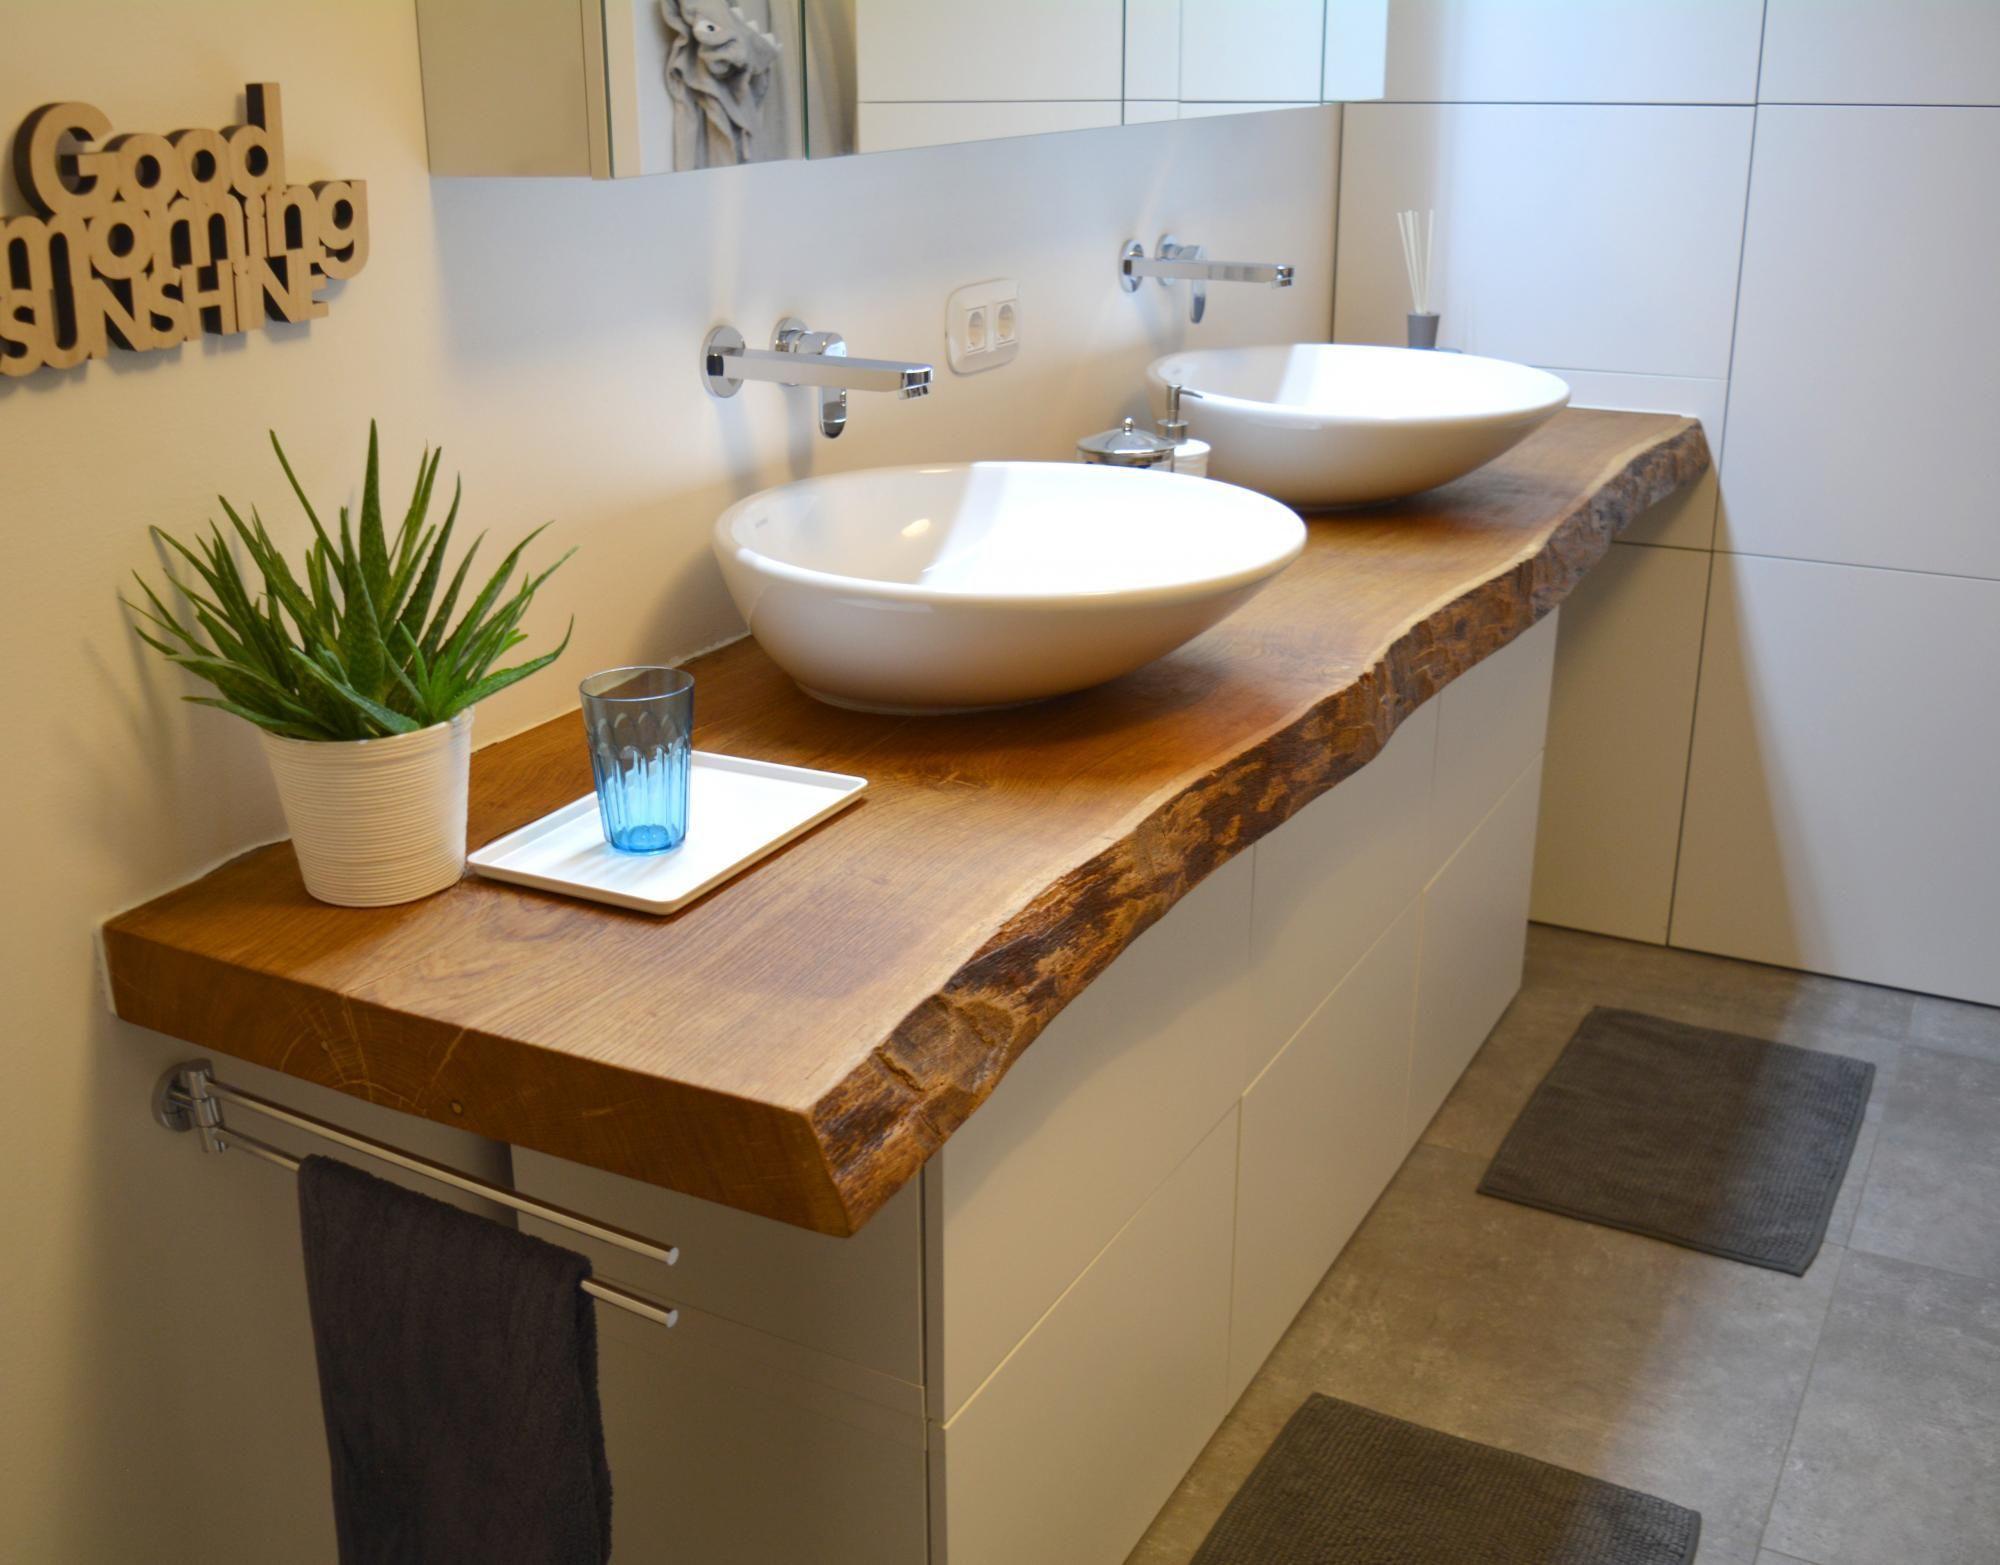 Waschtisch Aus Massivholz Das Highlight In Ihrem Badezimmer Holzwunder Badroom Waschtisch Aus Massiv Waschtisch Holz Badezimmer Badezimmer Badezimmer Holz